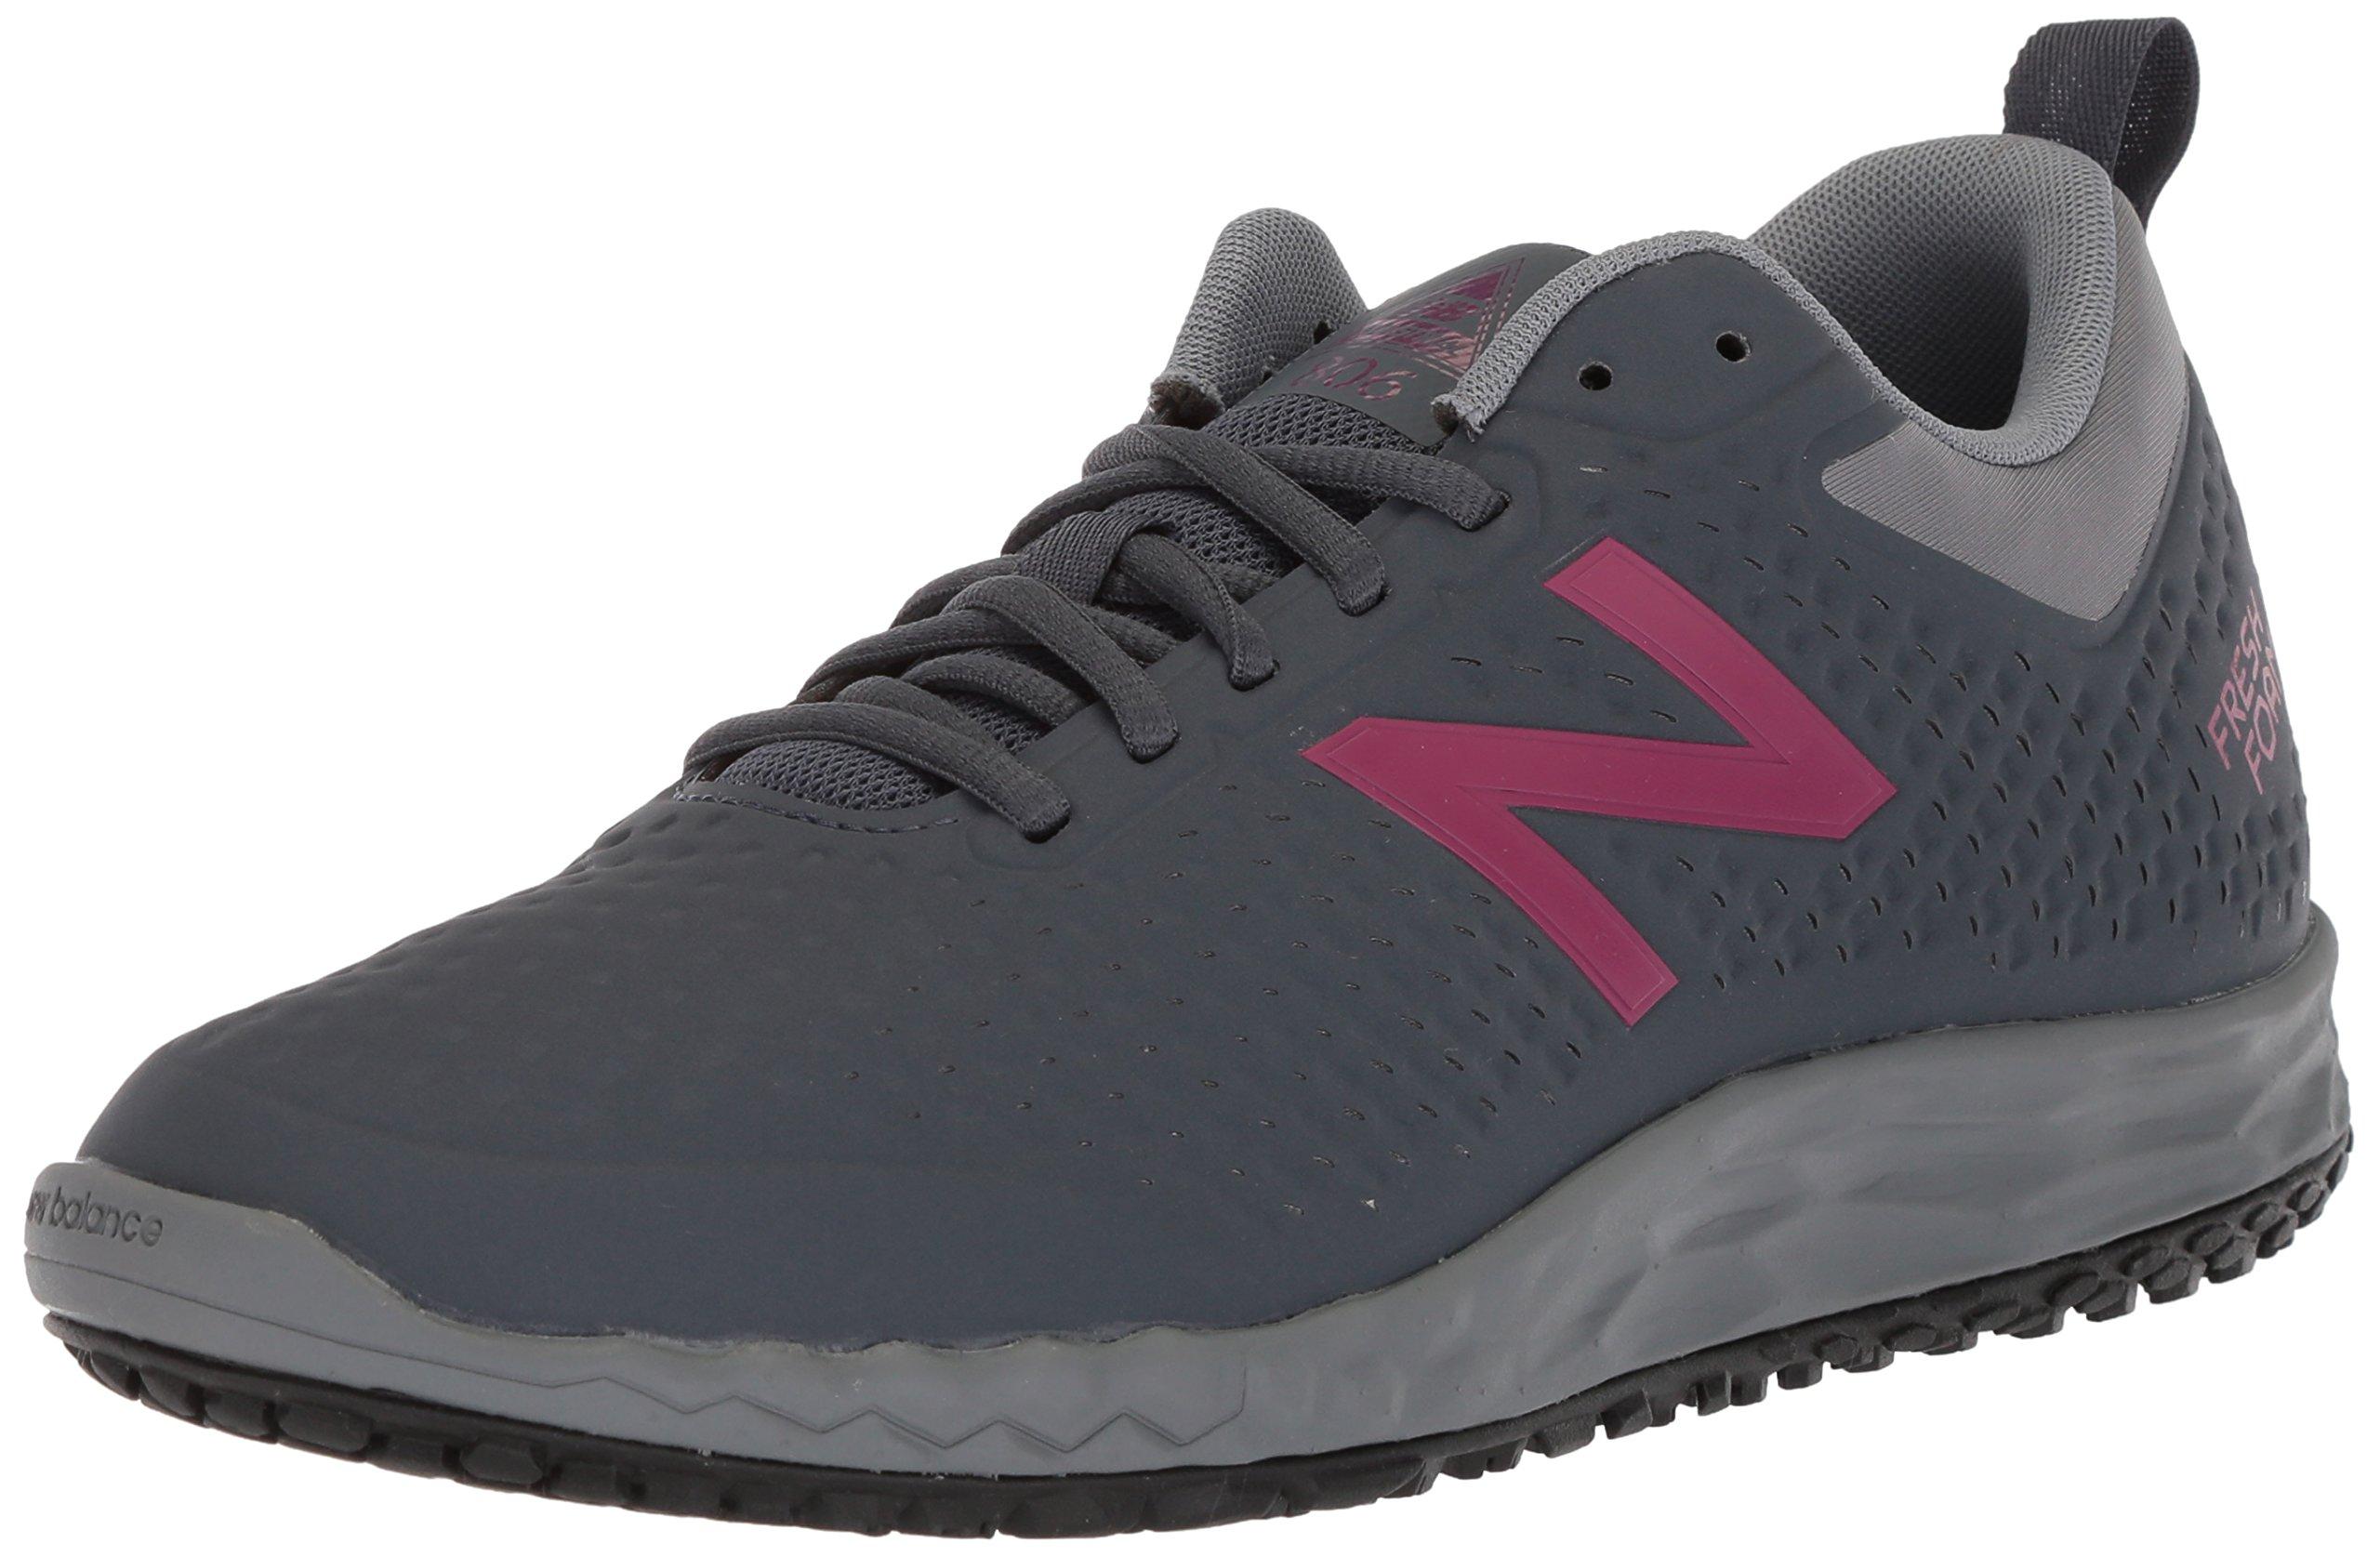 New Balance Women's 806v1 Work Training Shoe, Grey, 10.5 B US by New Balance (Image #1)